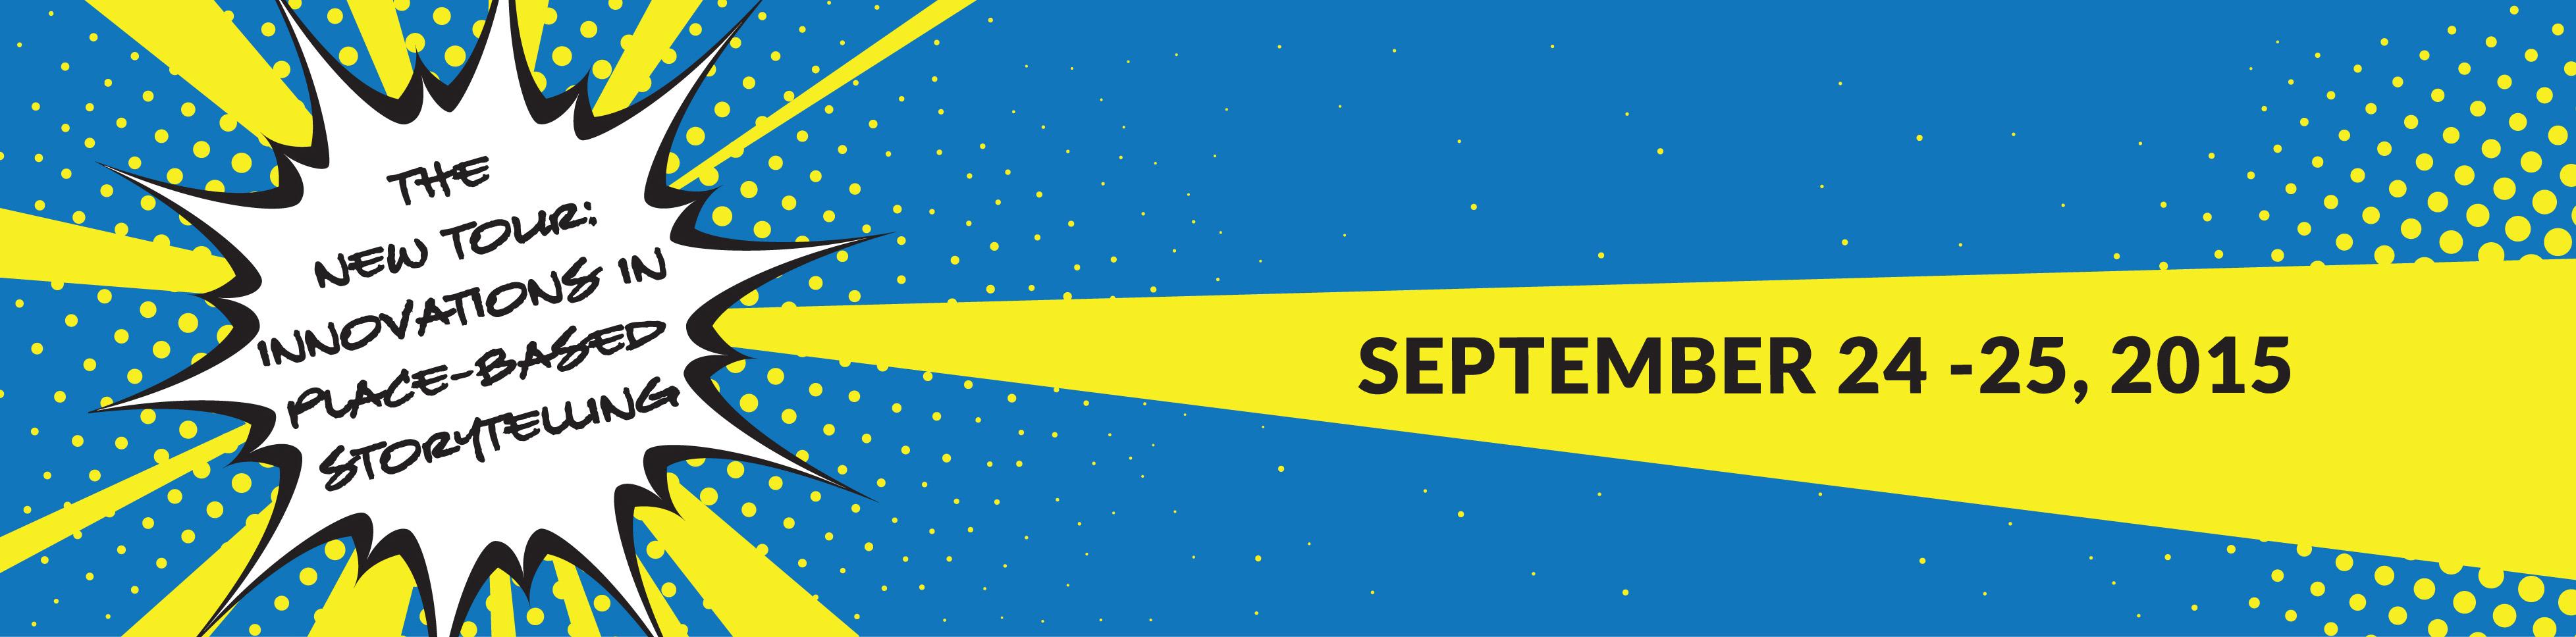 12506_20765_JNBC_New Tour Conference_Web Banner